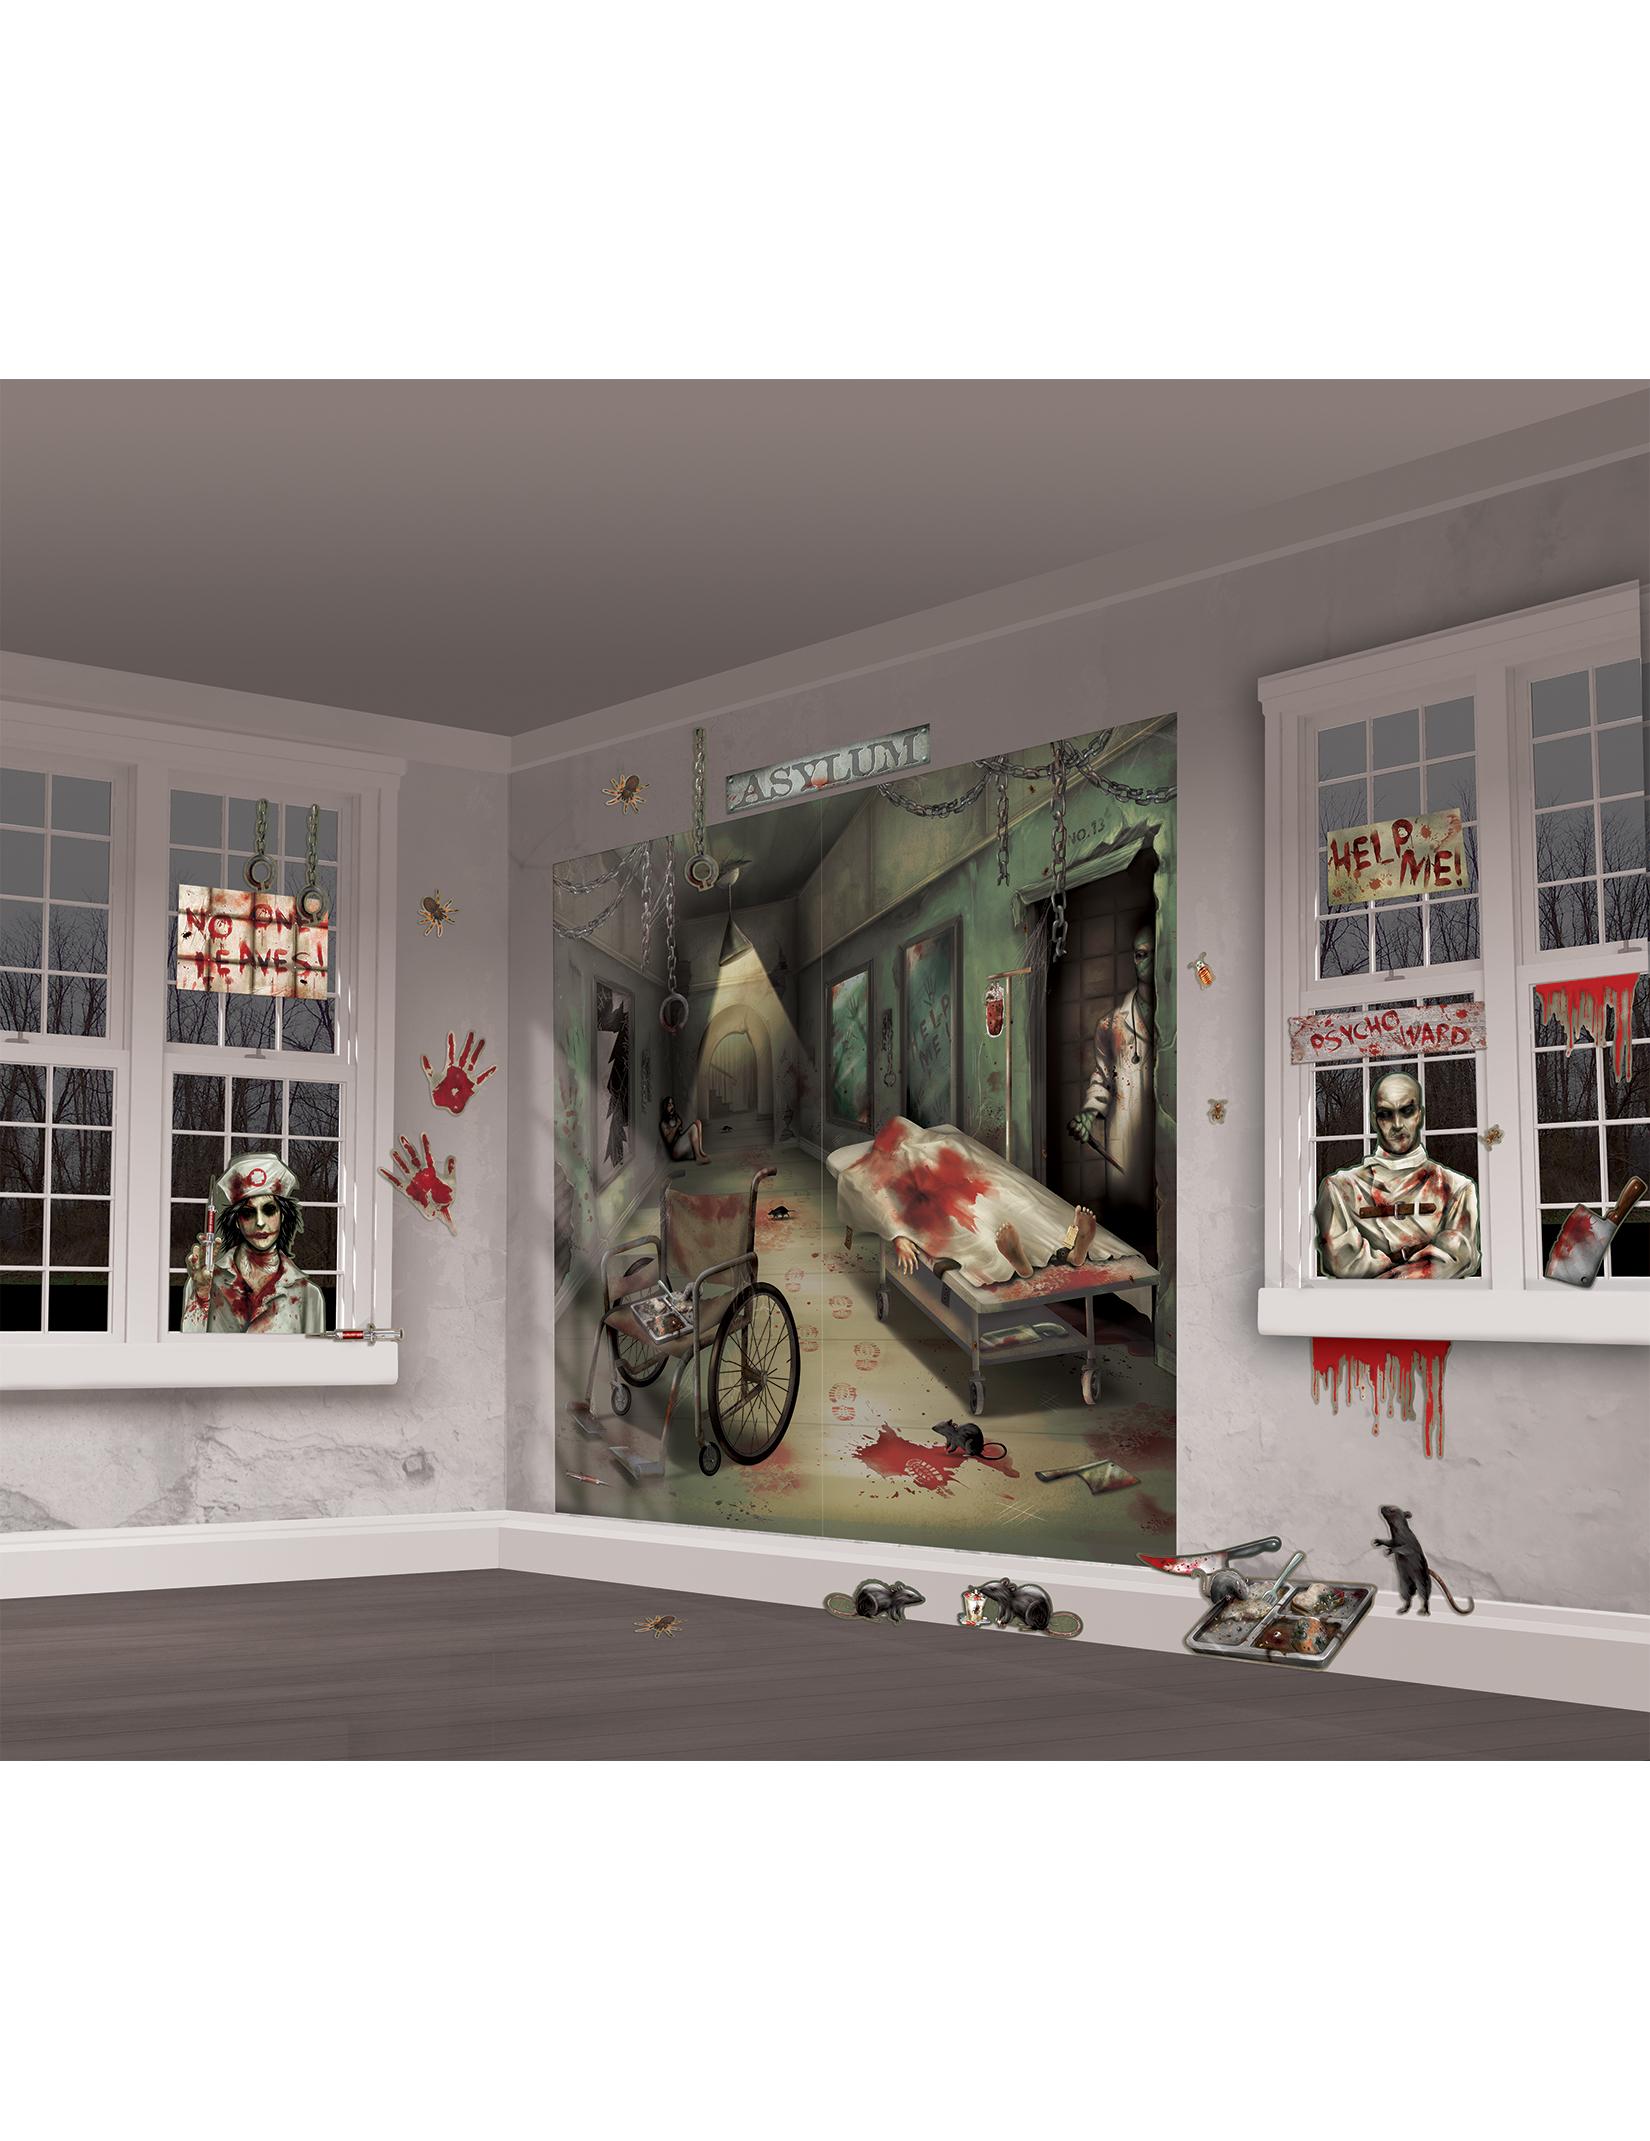 Muurdecoratie set voor halloween decoratie en goedkope carnavalskleding vegaoo - Decoratie voor halloween is jezelf ...